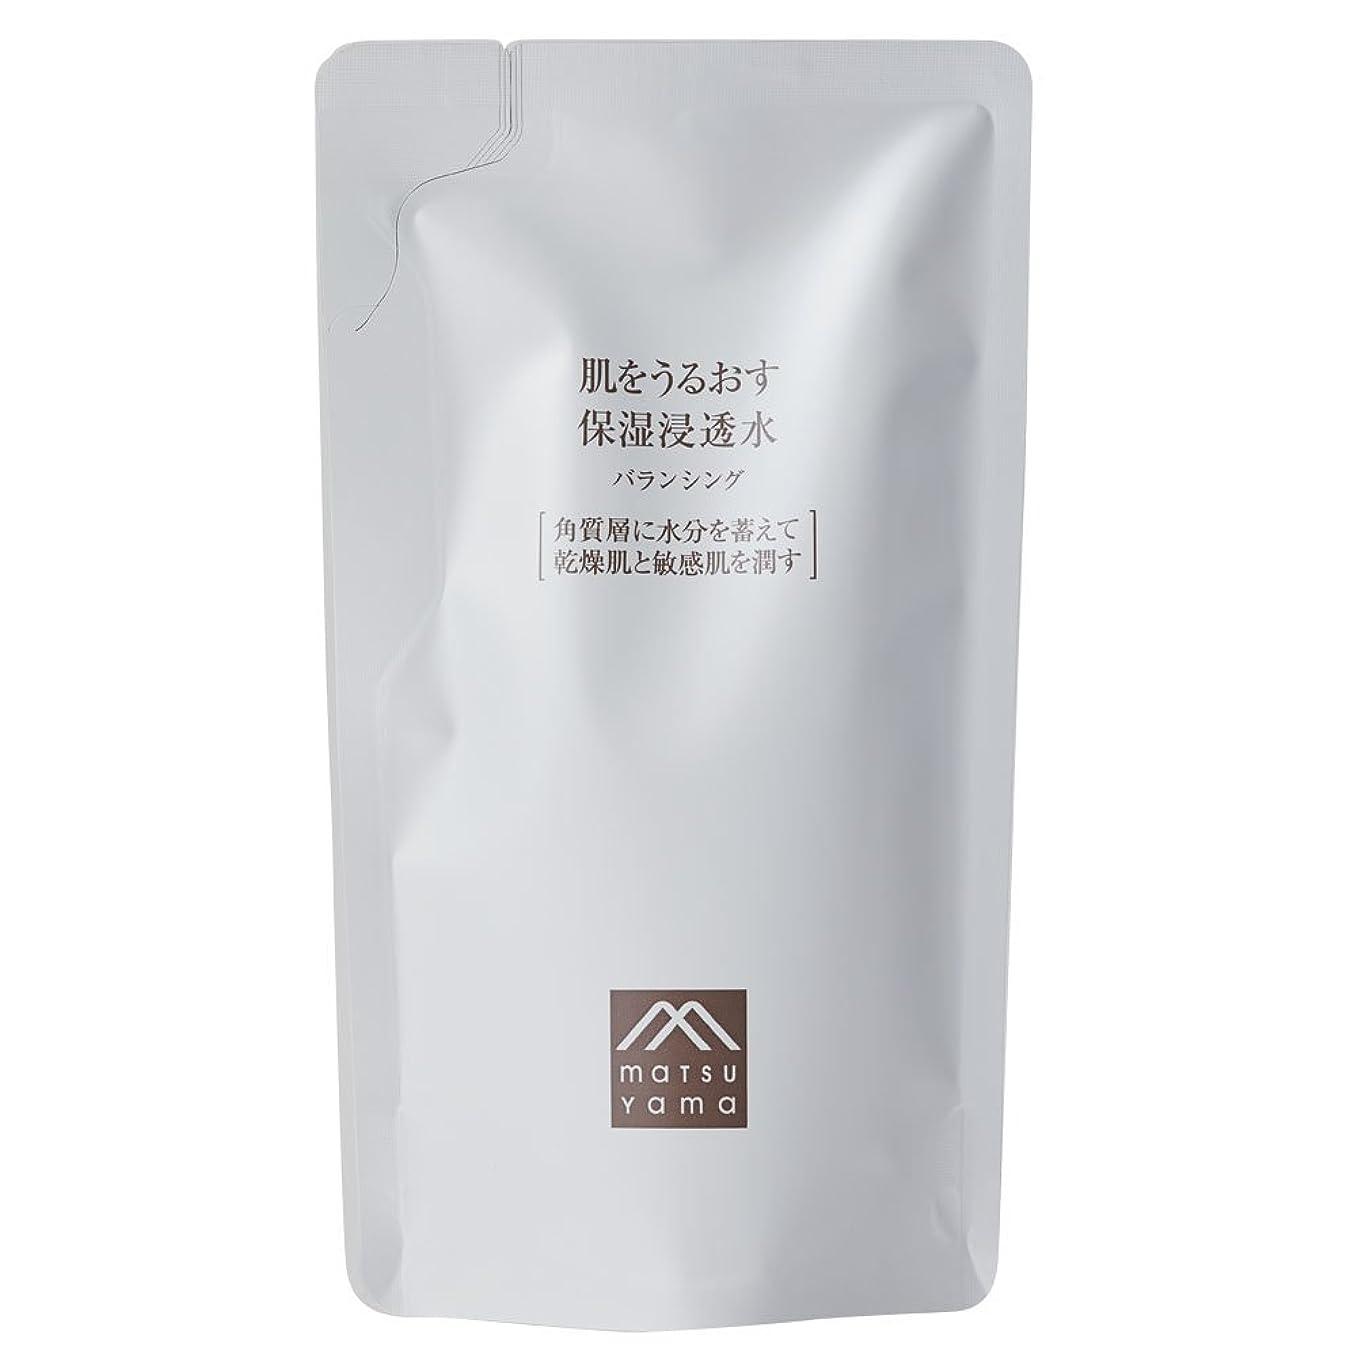 面白いバイオレット凍った肌をうるおす保湿浸透水 バランシング 詰替用(化粧水) べたつきを抑える [乾燥肌 敏感肌]